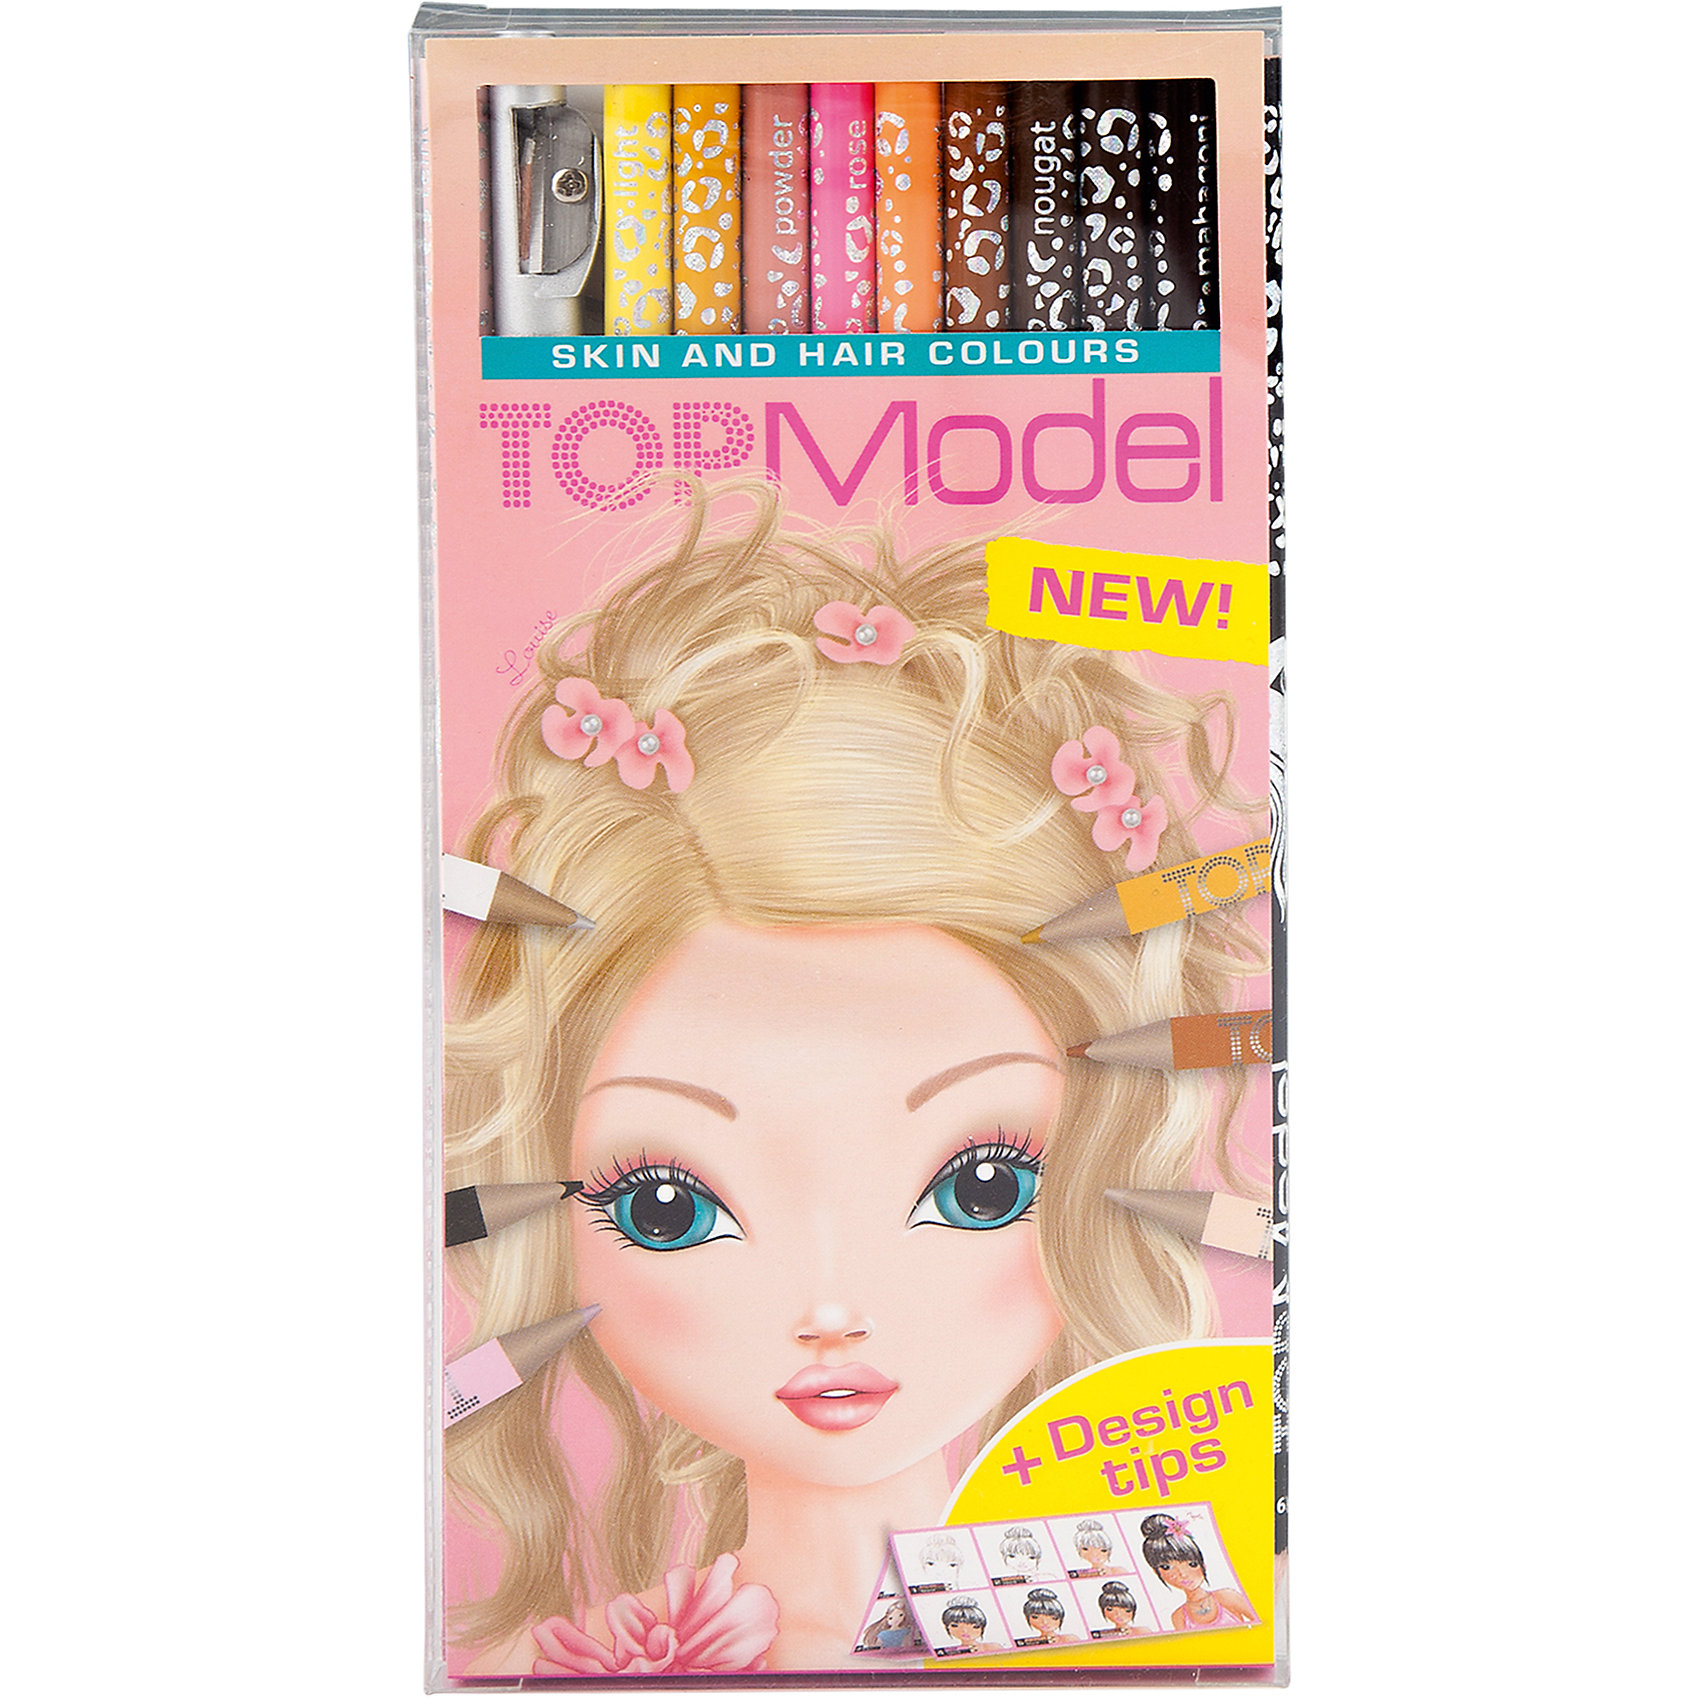 Набор цветных карандашей Skin and Hair, TOPModelПисьменные принадлежности<br>Набор цветных карандашей Skin and Hair, TOPModel<br><br>Характеристики:<br><br>• В комплекте: карандаши, точилка<br>• Цветов: 10<br>• Размер: 18х9 см<br><br>Этот уникальный набор карандашей из серии TOPModel позволит вашему ребенку аккуратно и натурально нарисовать волосы моделей, шерсть животных, а так же раскрашивать кожу, делая ее естественной. Рисунки получаются живыми и натуральными, так как цвета подобранны дизайнерами. В комплекте идет 12 карандашей, точилка и вложение от профессиональных художников с подсказками.<br><br>Набор цветных карандашей Skin and Hair, TOPModel можно купить в нашем интернет-магазине.<br><br>Ширина мм: 10<br>Глубина мм: 90<br>Высота мм: 180<br>Вес г: 82<br>Возраст от месяцев: 60<br>Возраст до месяцев: 1164<br>Пол: Женский<br>Возраст: Детский<br>SKU: 2336125